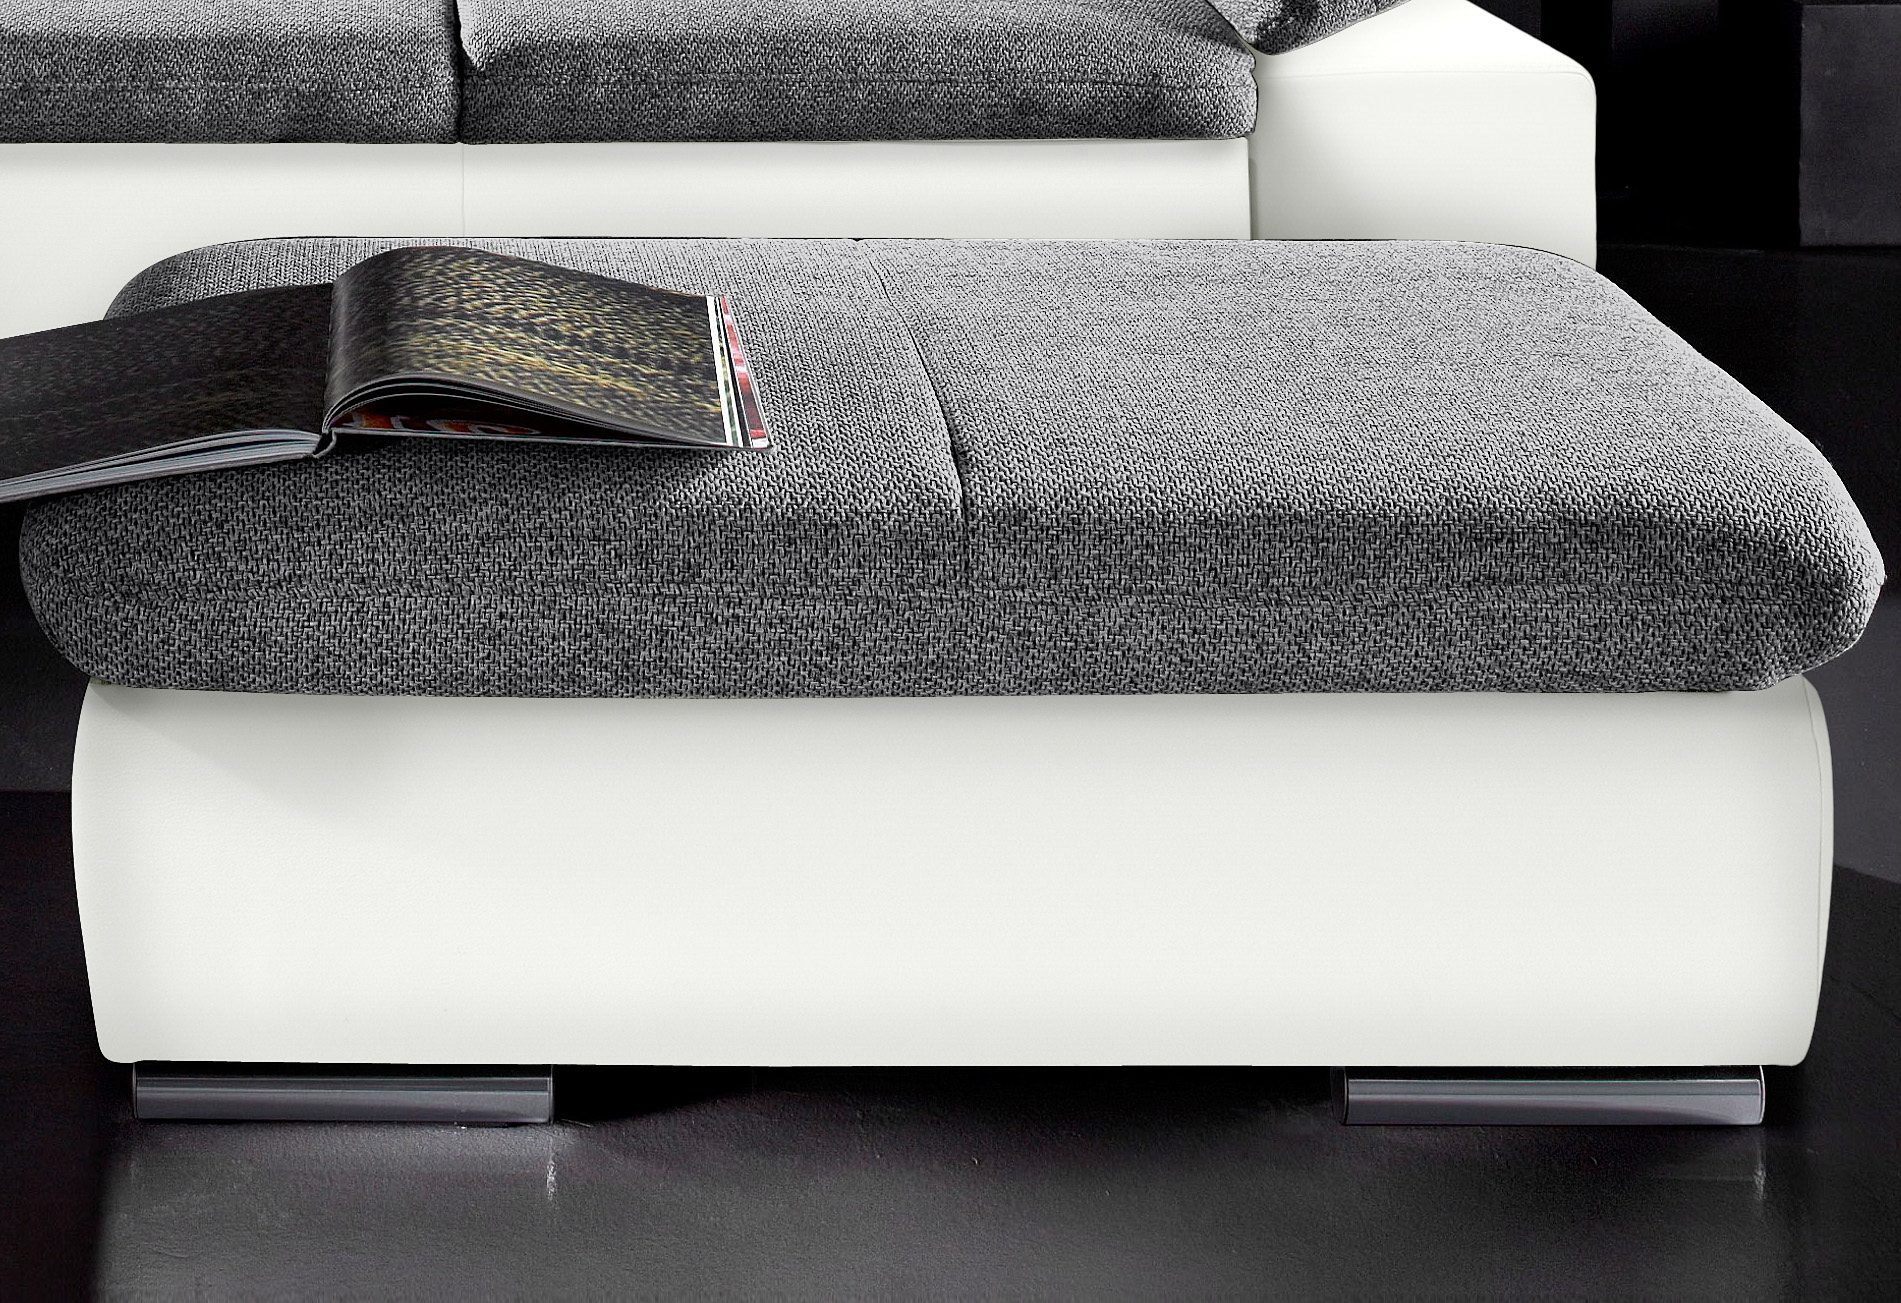 sit&more Hocker | Wohnzimmer > Hocker & Poufs > Sitzhocker | Weiß | Kunstleder | Sit&More